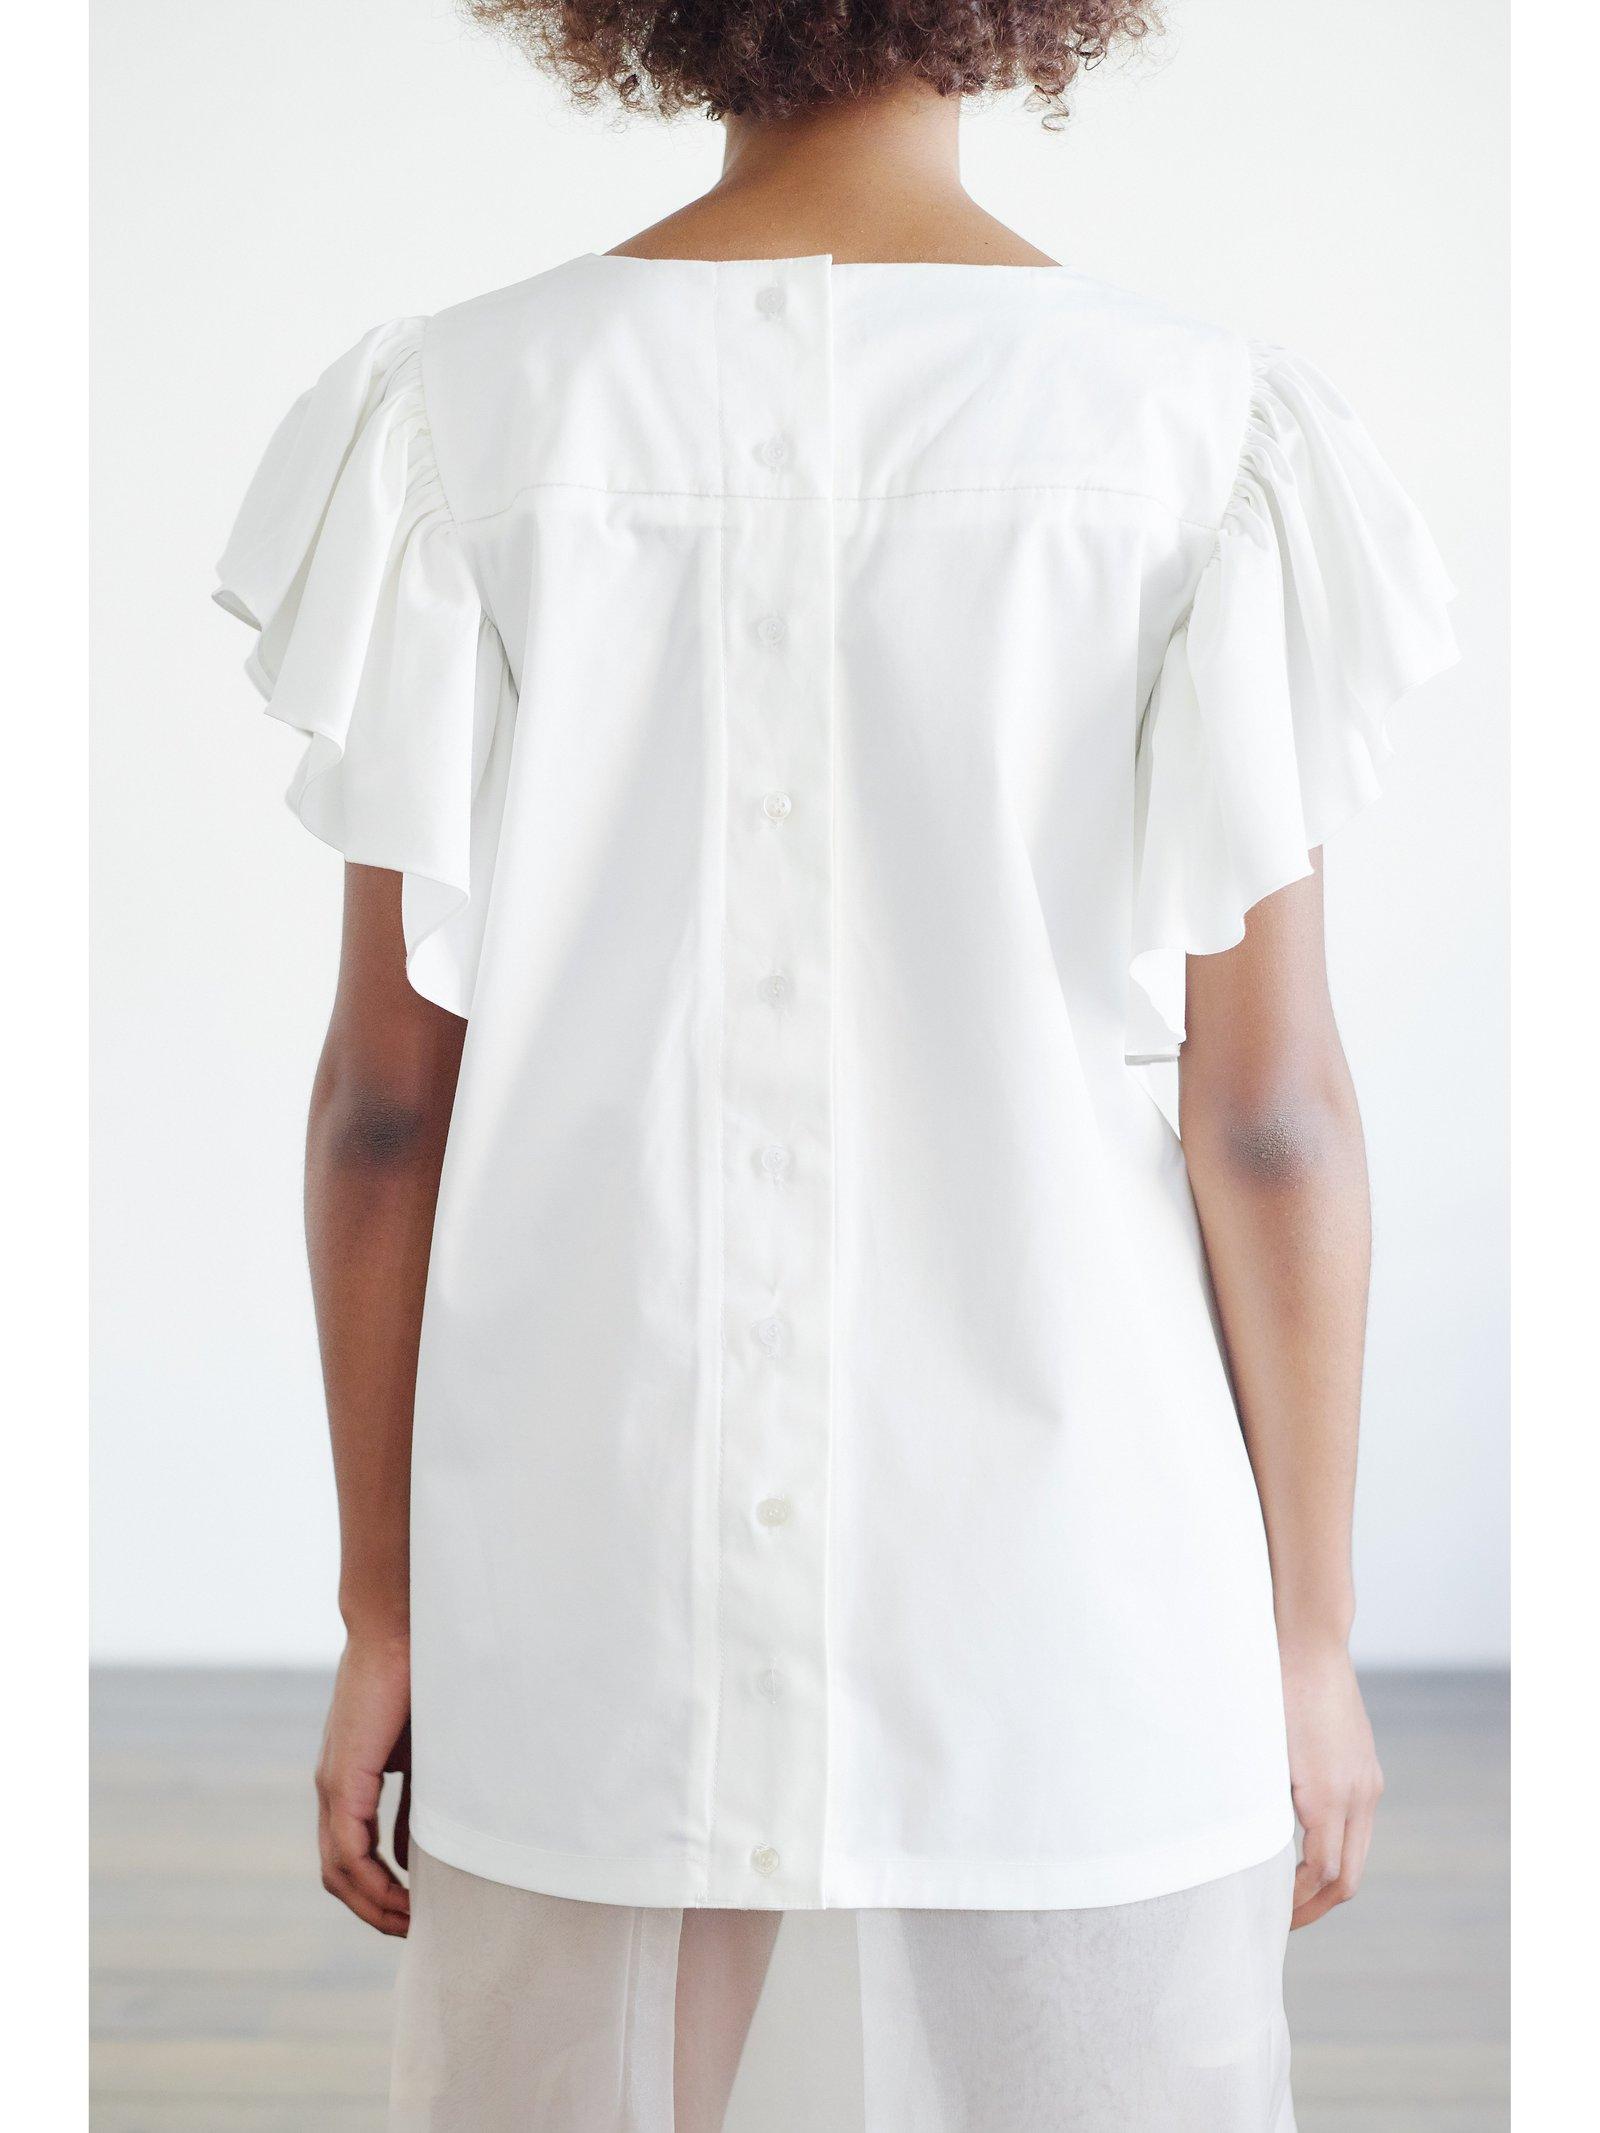 HB By Hanna Baranava White Shirt